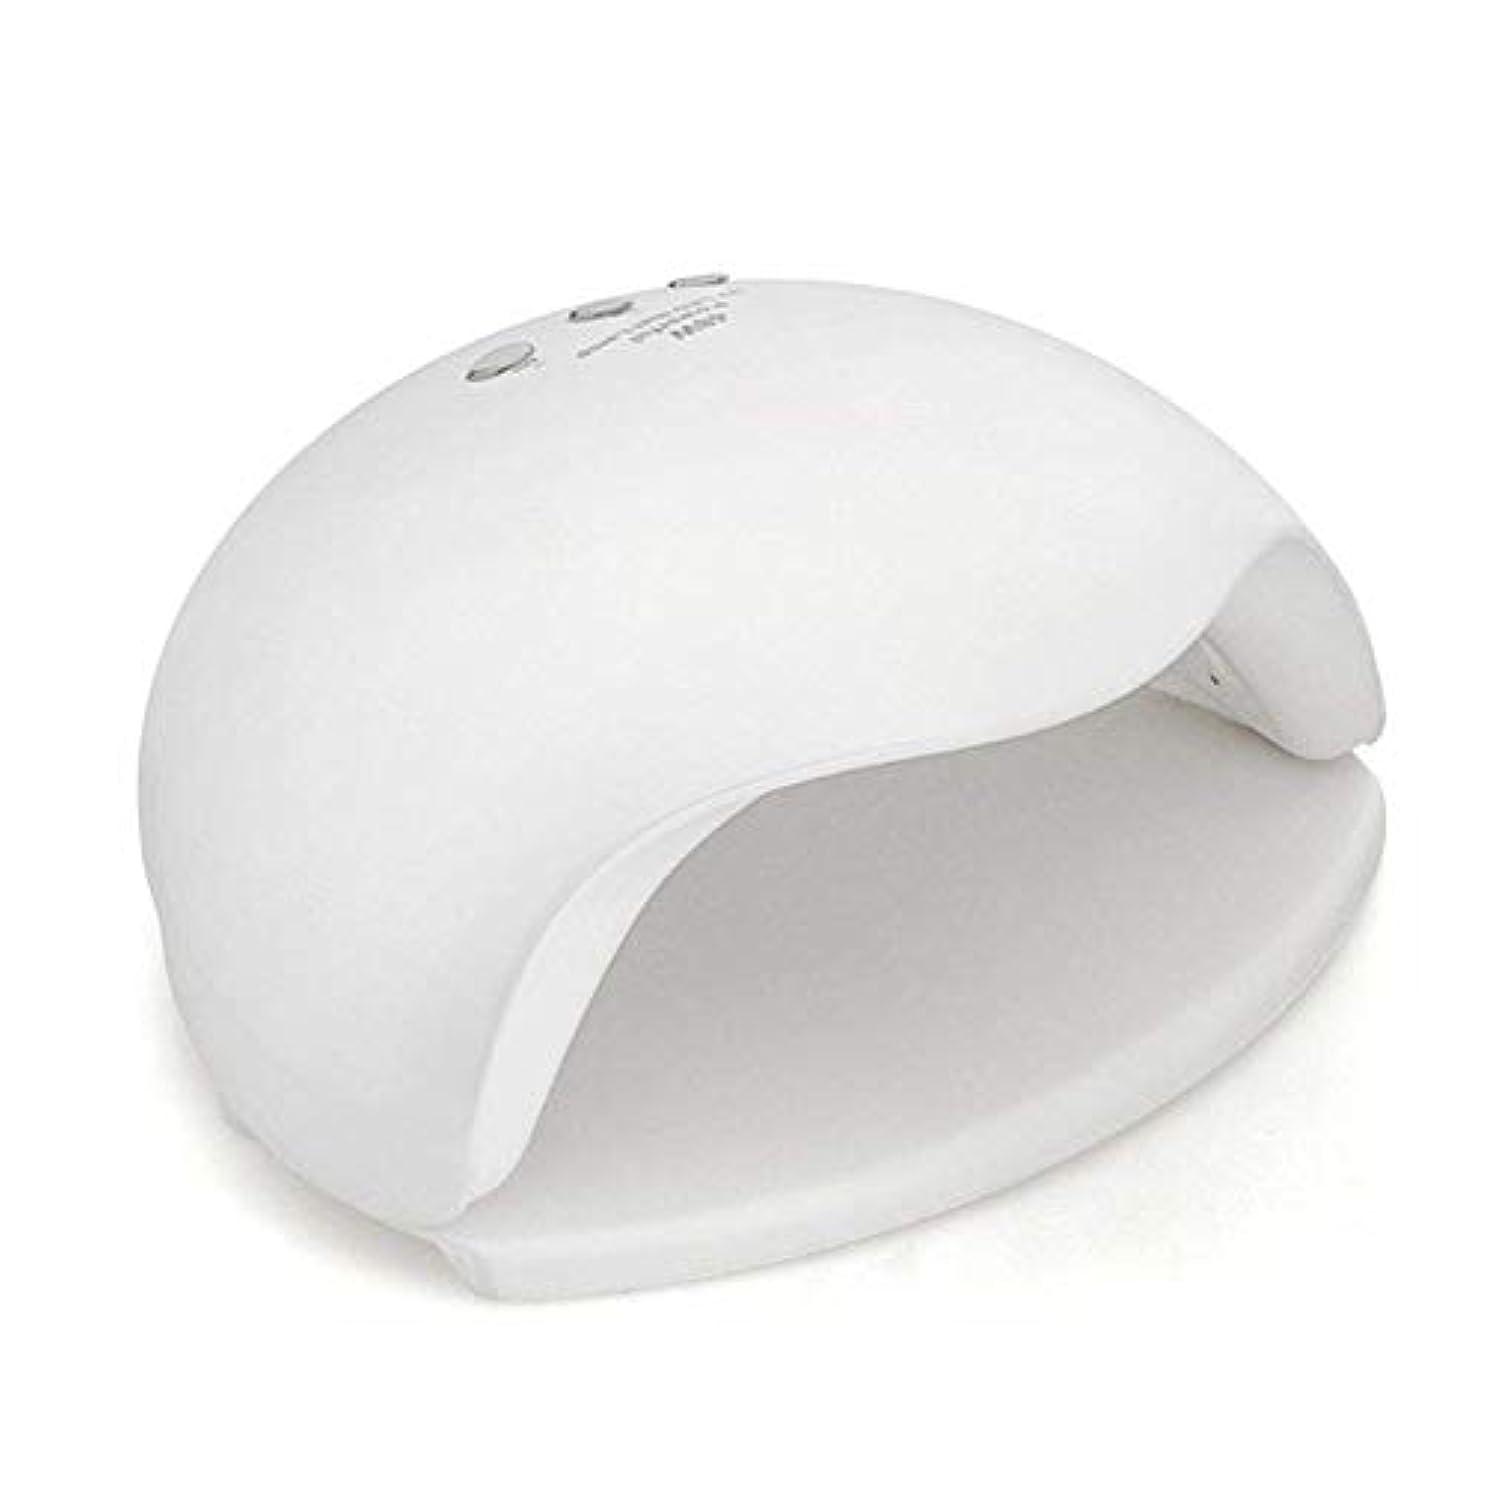 戦略アッパー話ネイルドライヤーSUN5X 48W UV LEDランプネイルドライヤーUVネイルランプダブルライトセンサーLEDネイルランプマニキュアマシン硬化用UVジェルポリッシュ、写真の色